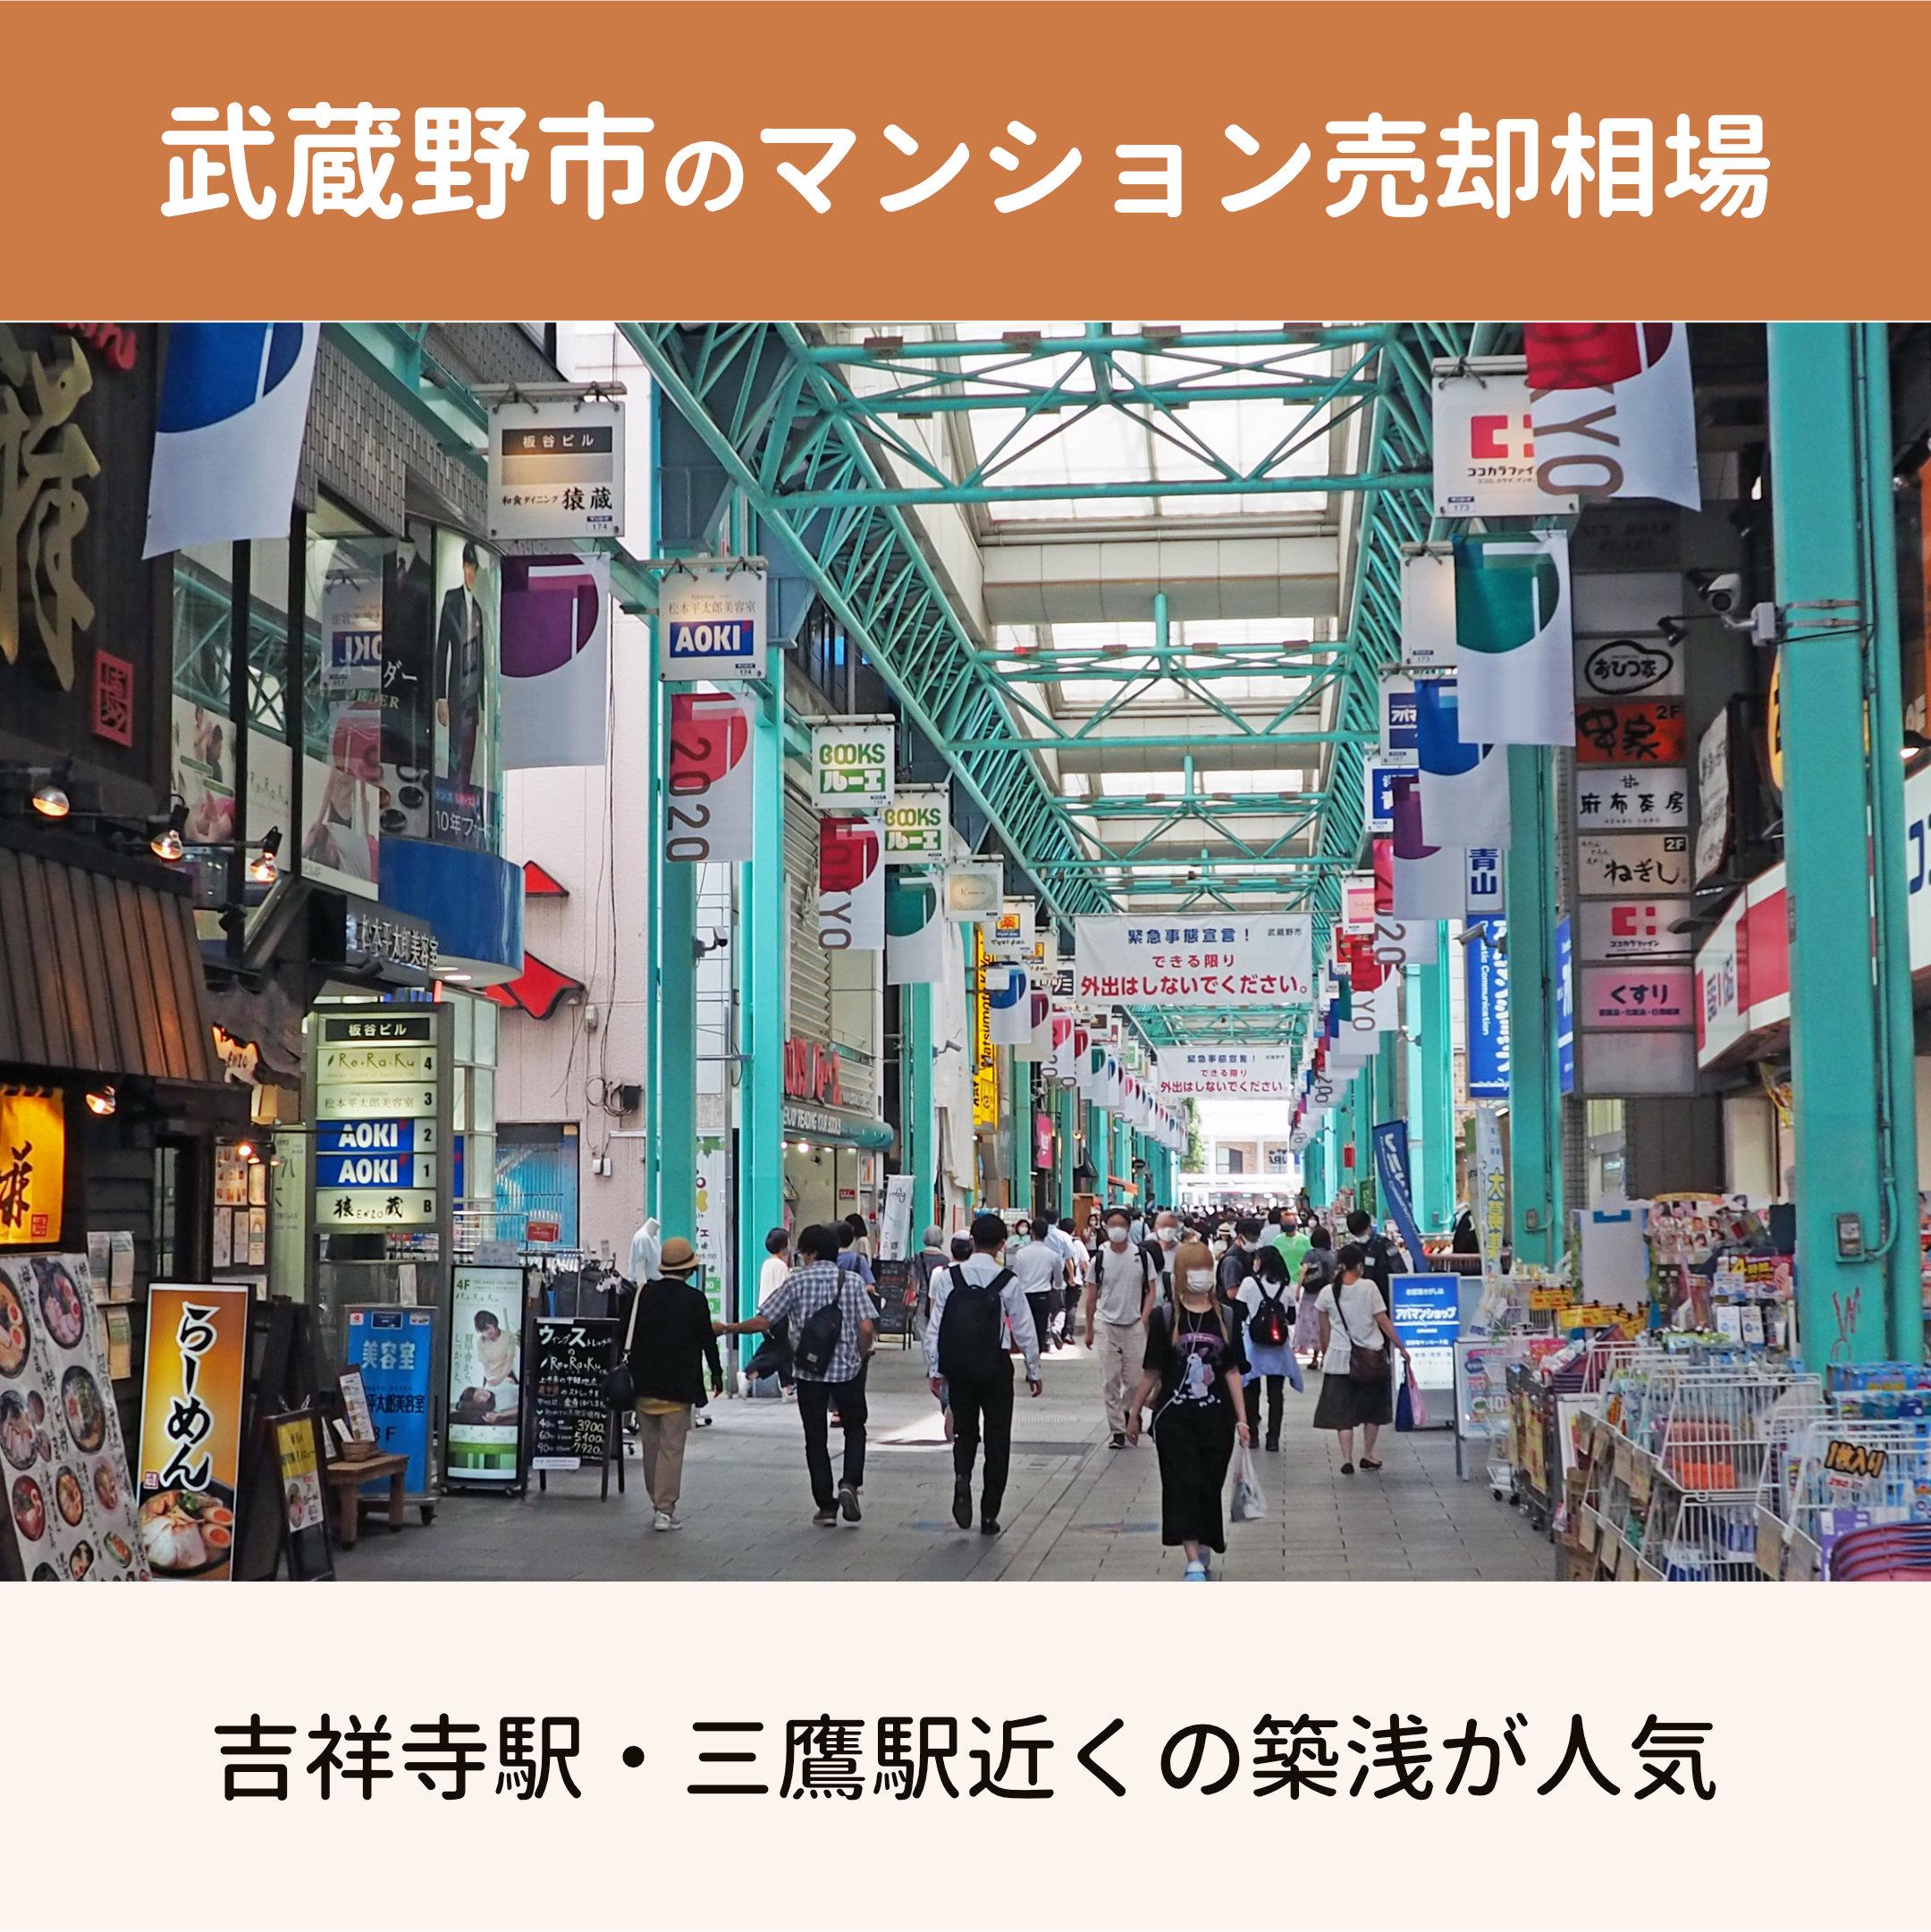 武蔵野市 マンション売却相場